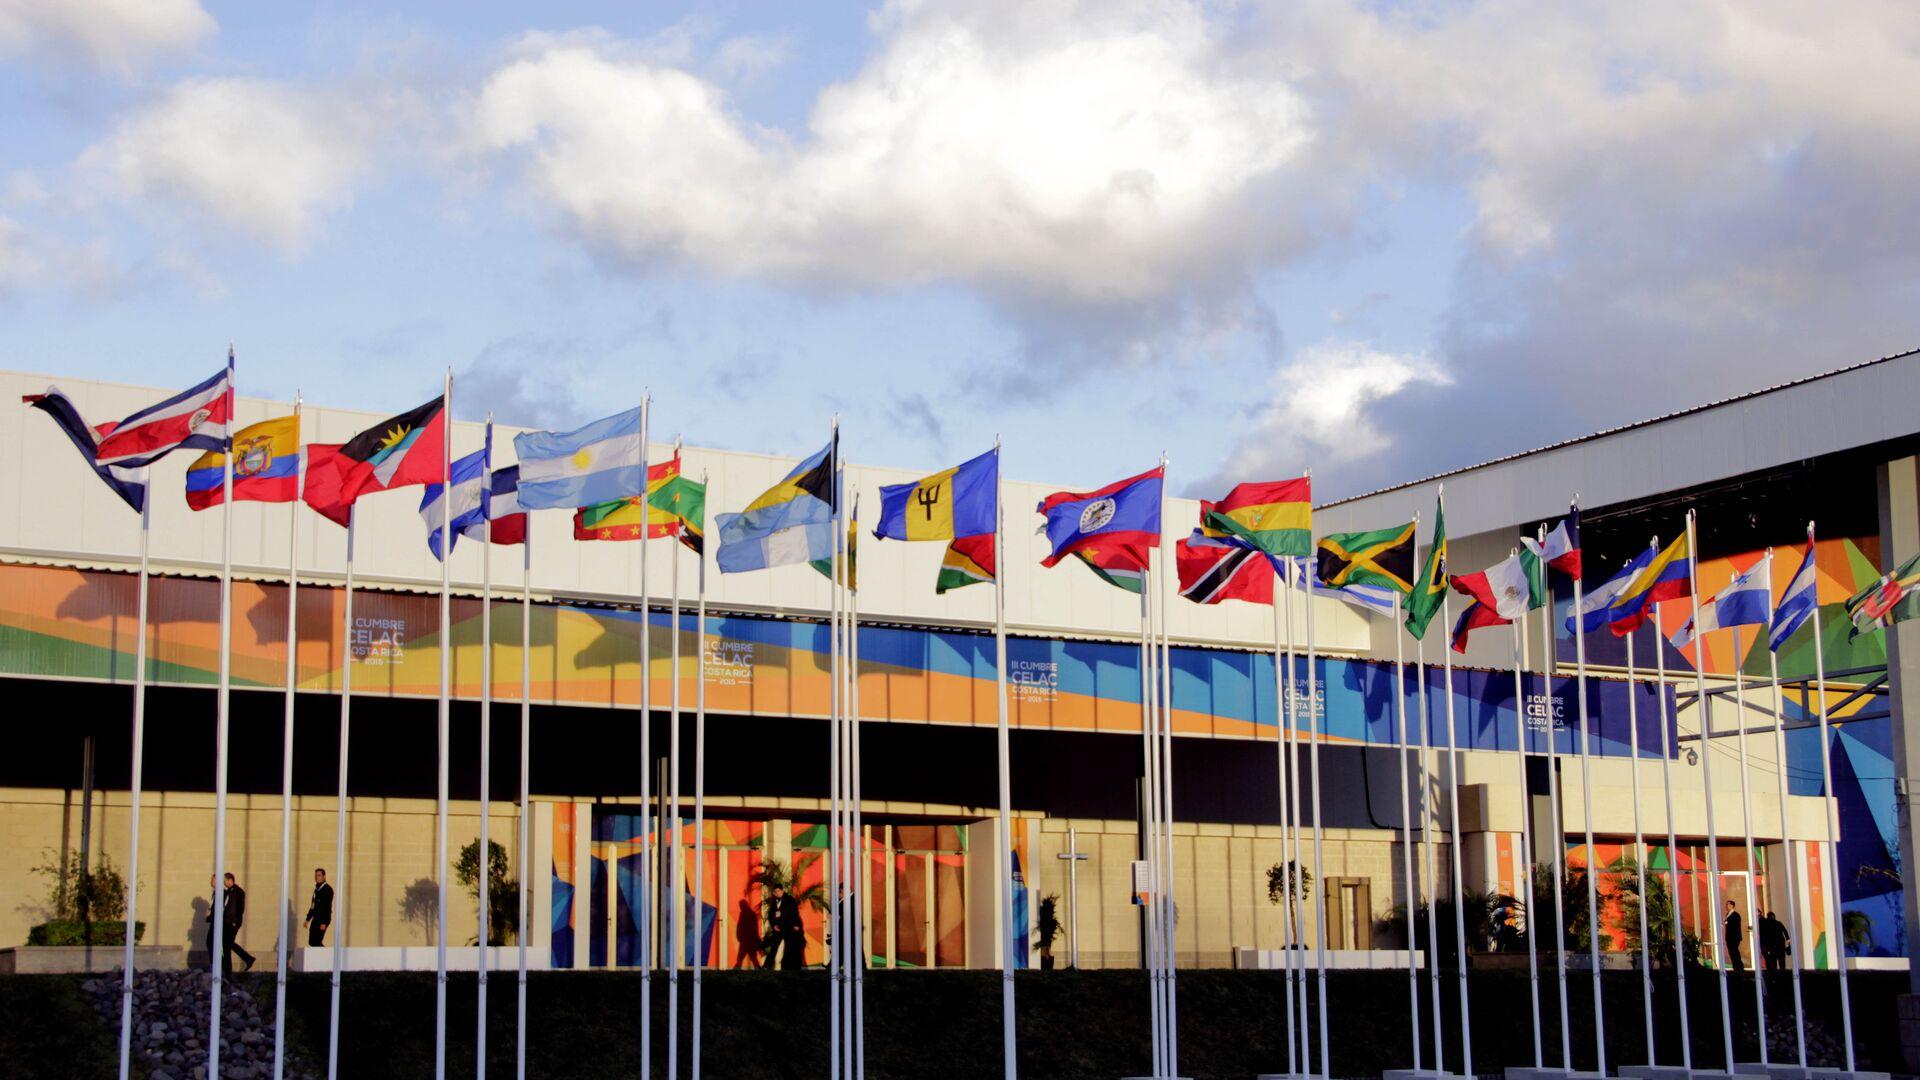 Banderas de los países miembros de CELAC - Sputnik Mundo, 1920, 24.07.2021